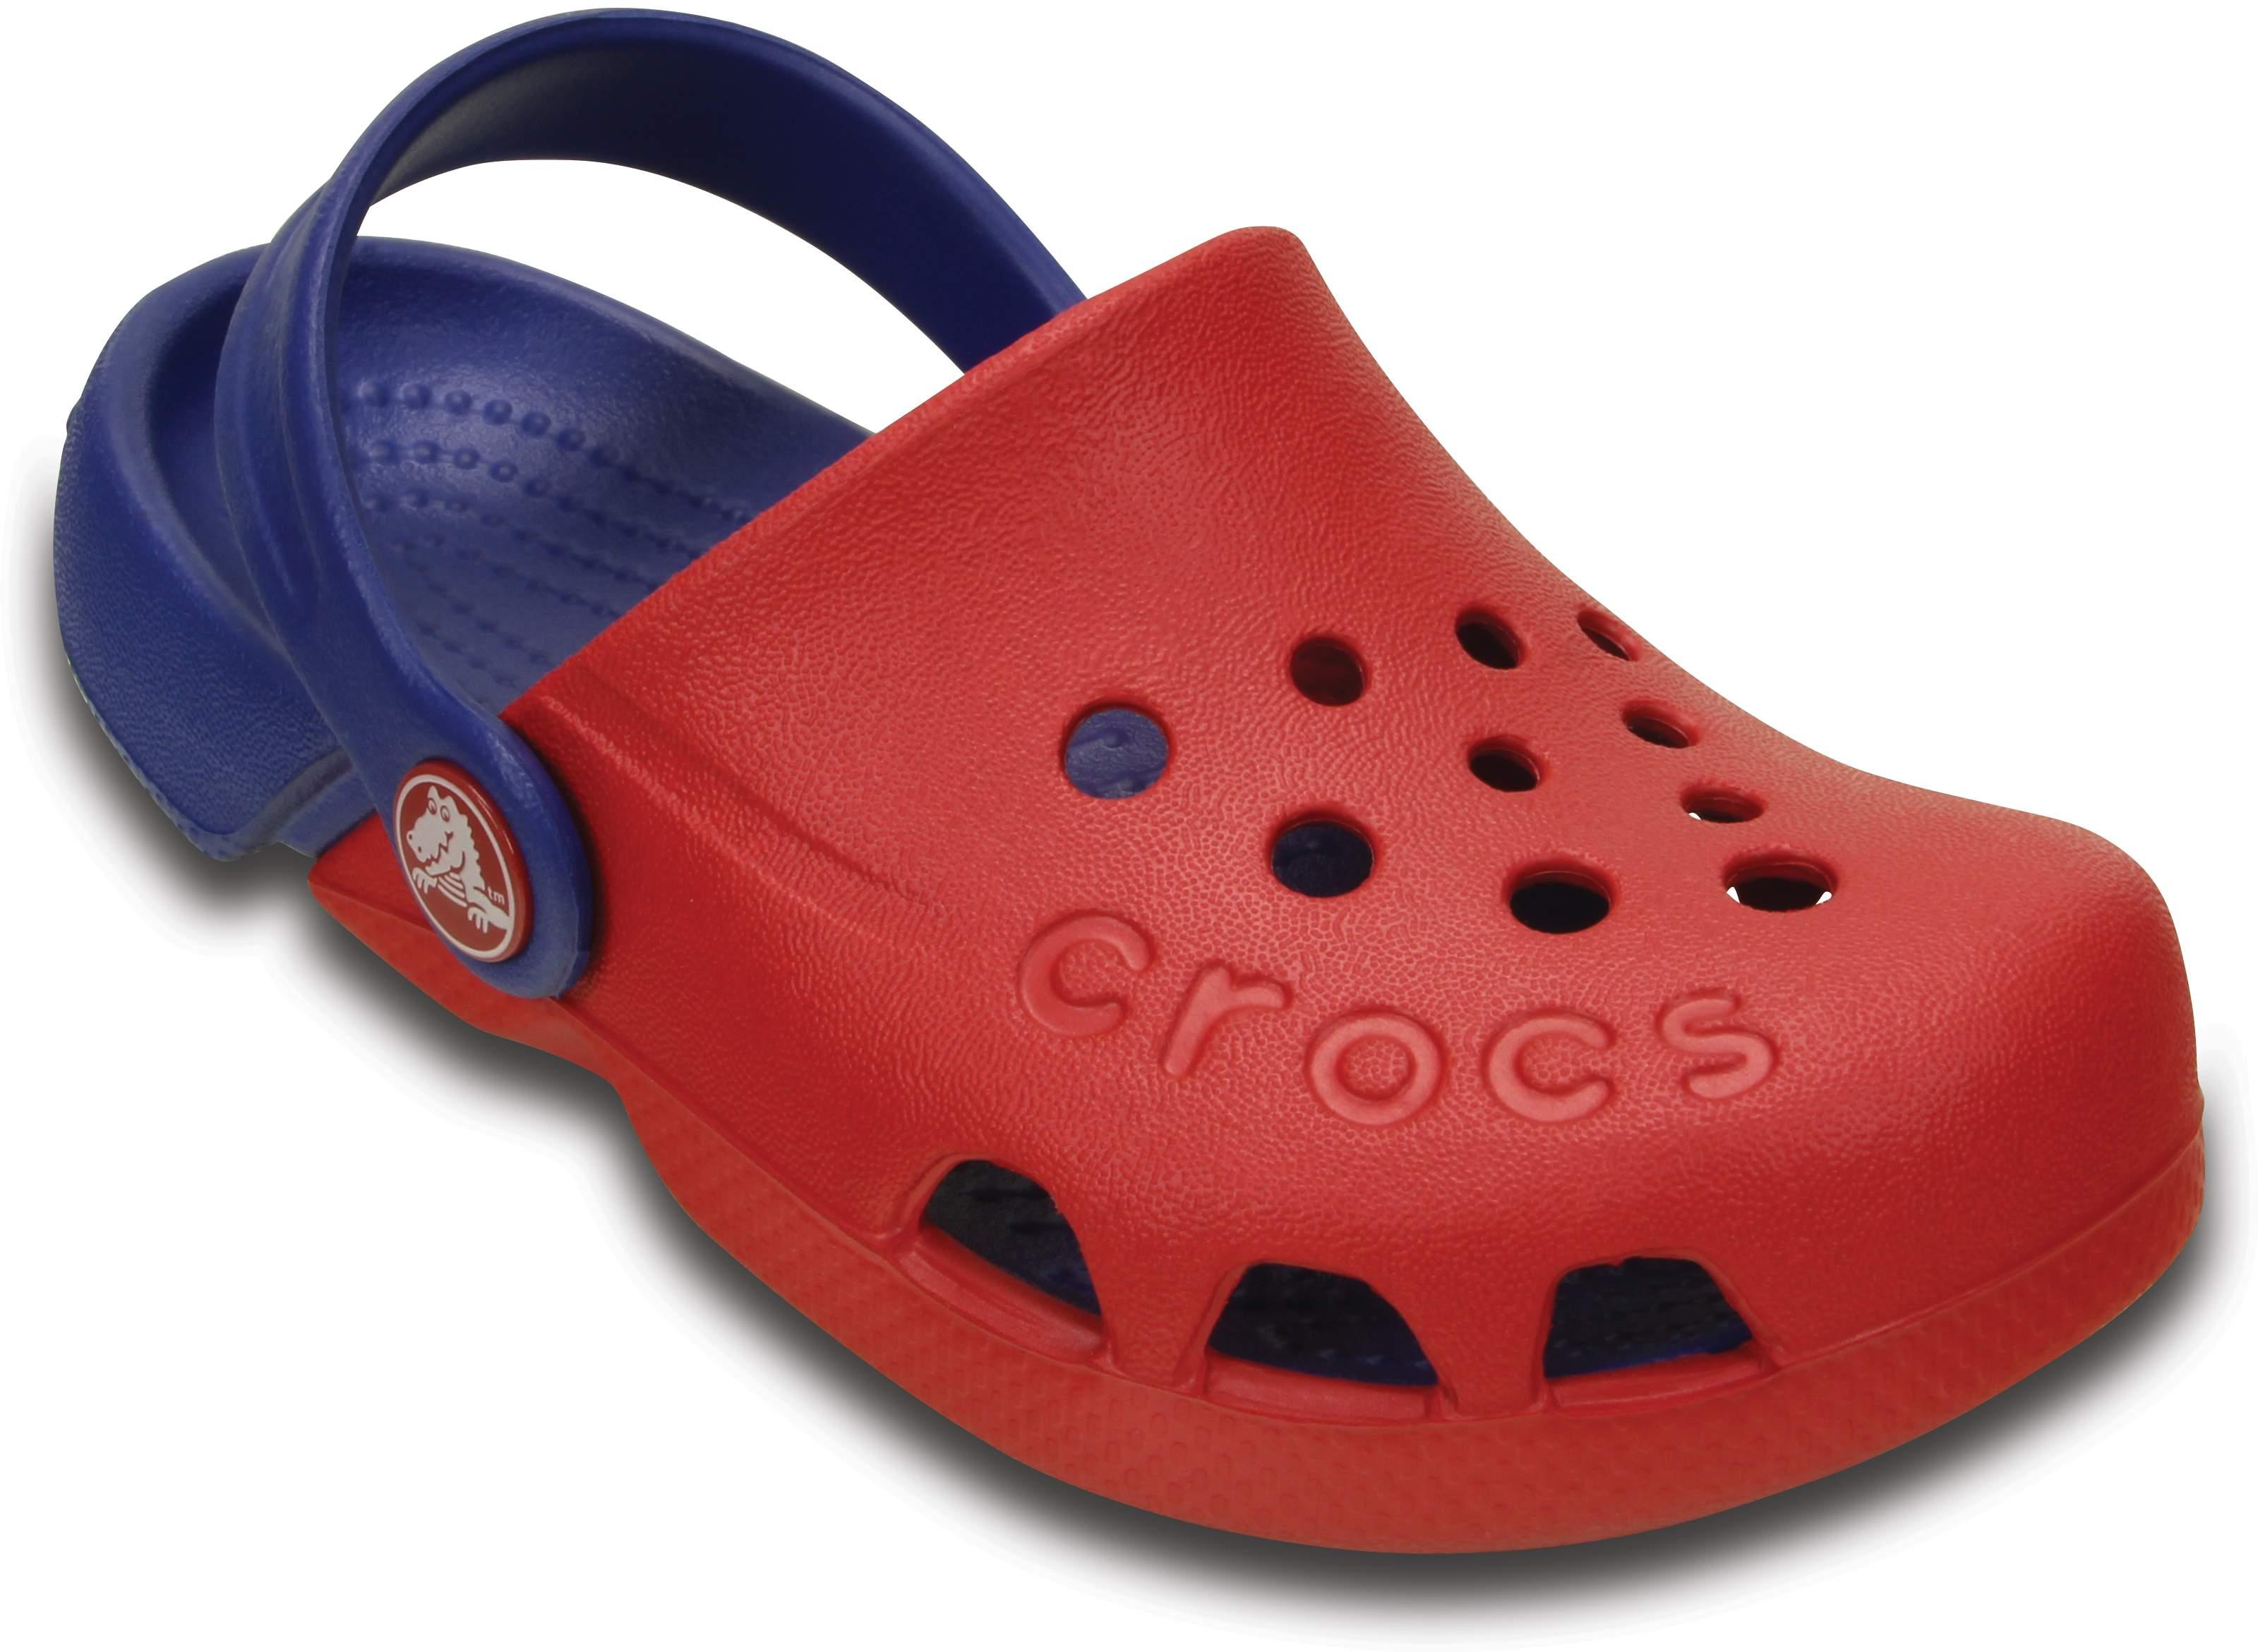 Crocs Sabots Electro Kids 10400 6A0 BHr3CdvjVo